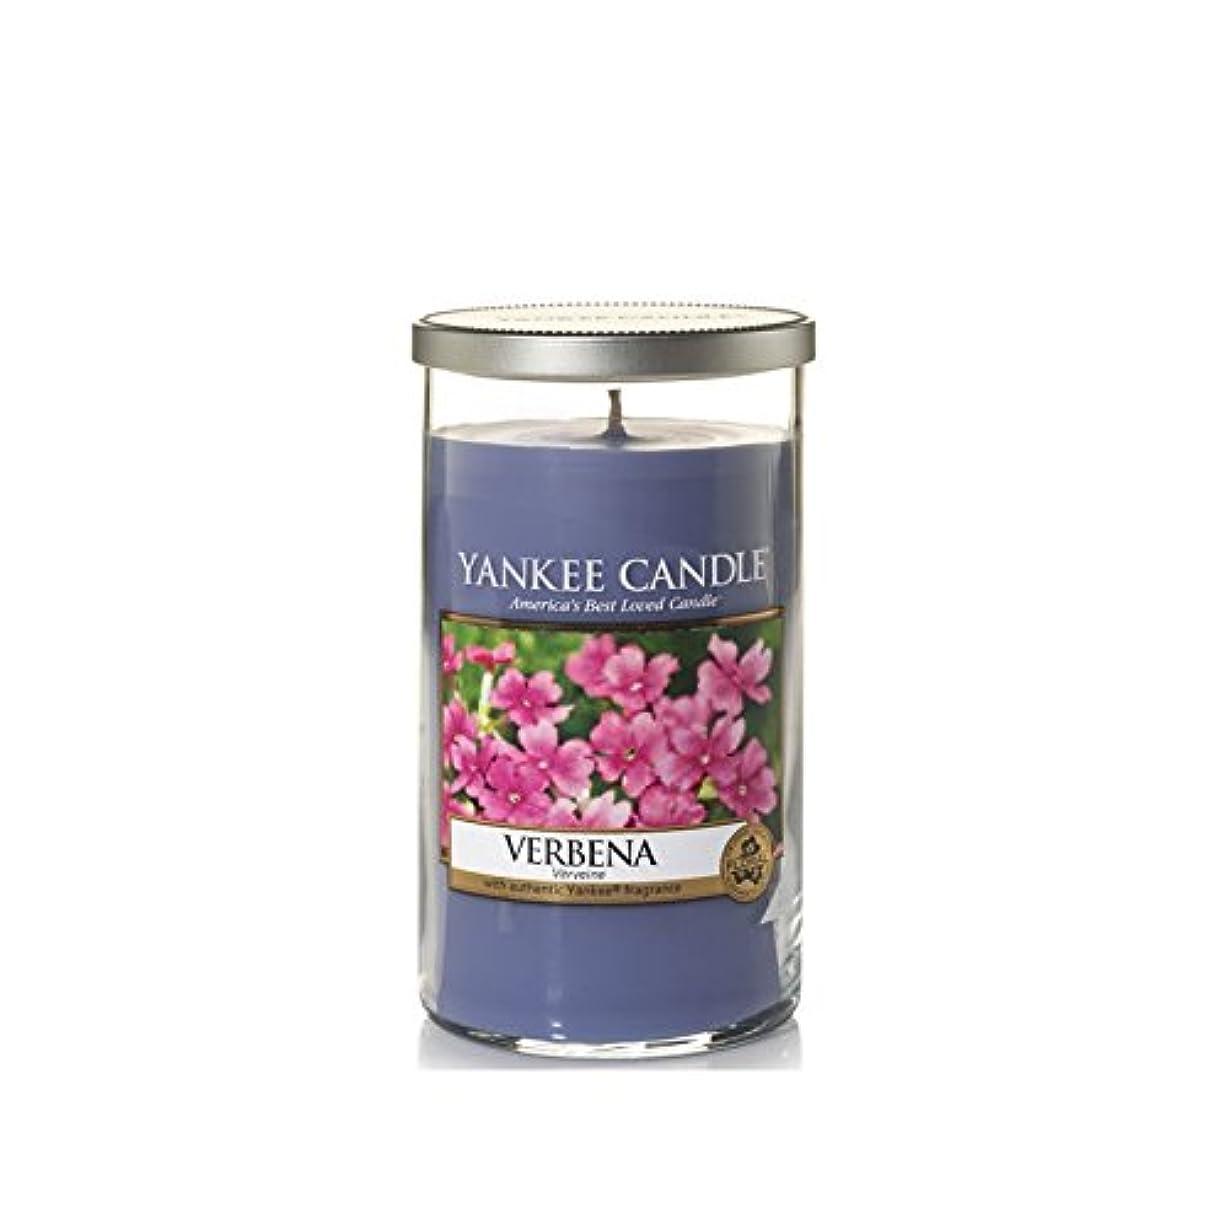 必需品物理的なリードヤンキーキャンドルメディアピラーキャンドル - バーベナ - Yankee Candles Medium Pillar Candle - Verbena (Yankee Candles) [並行輸入品]